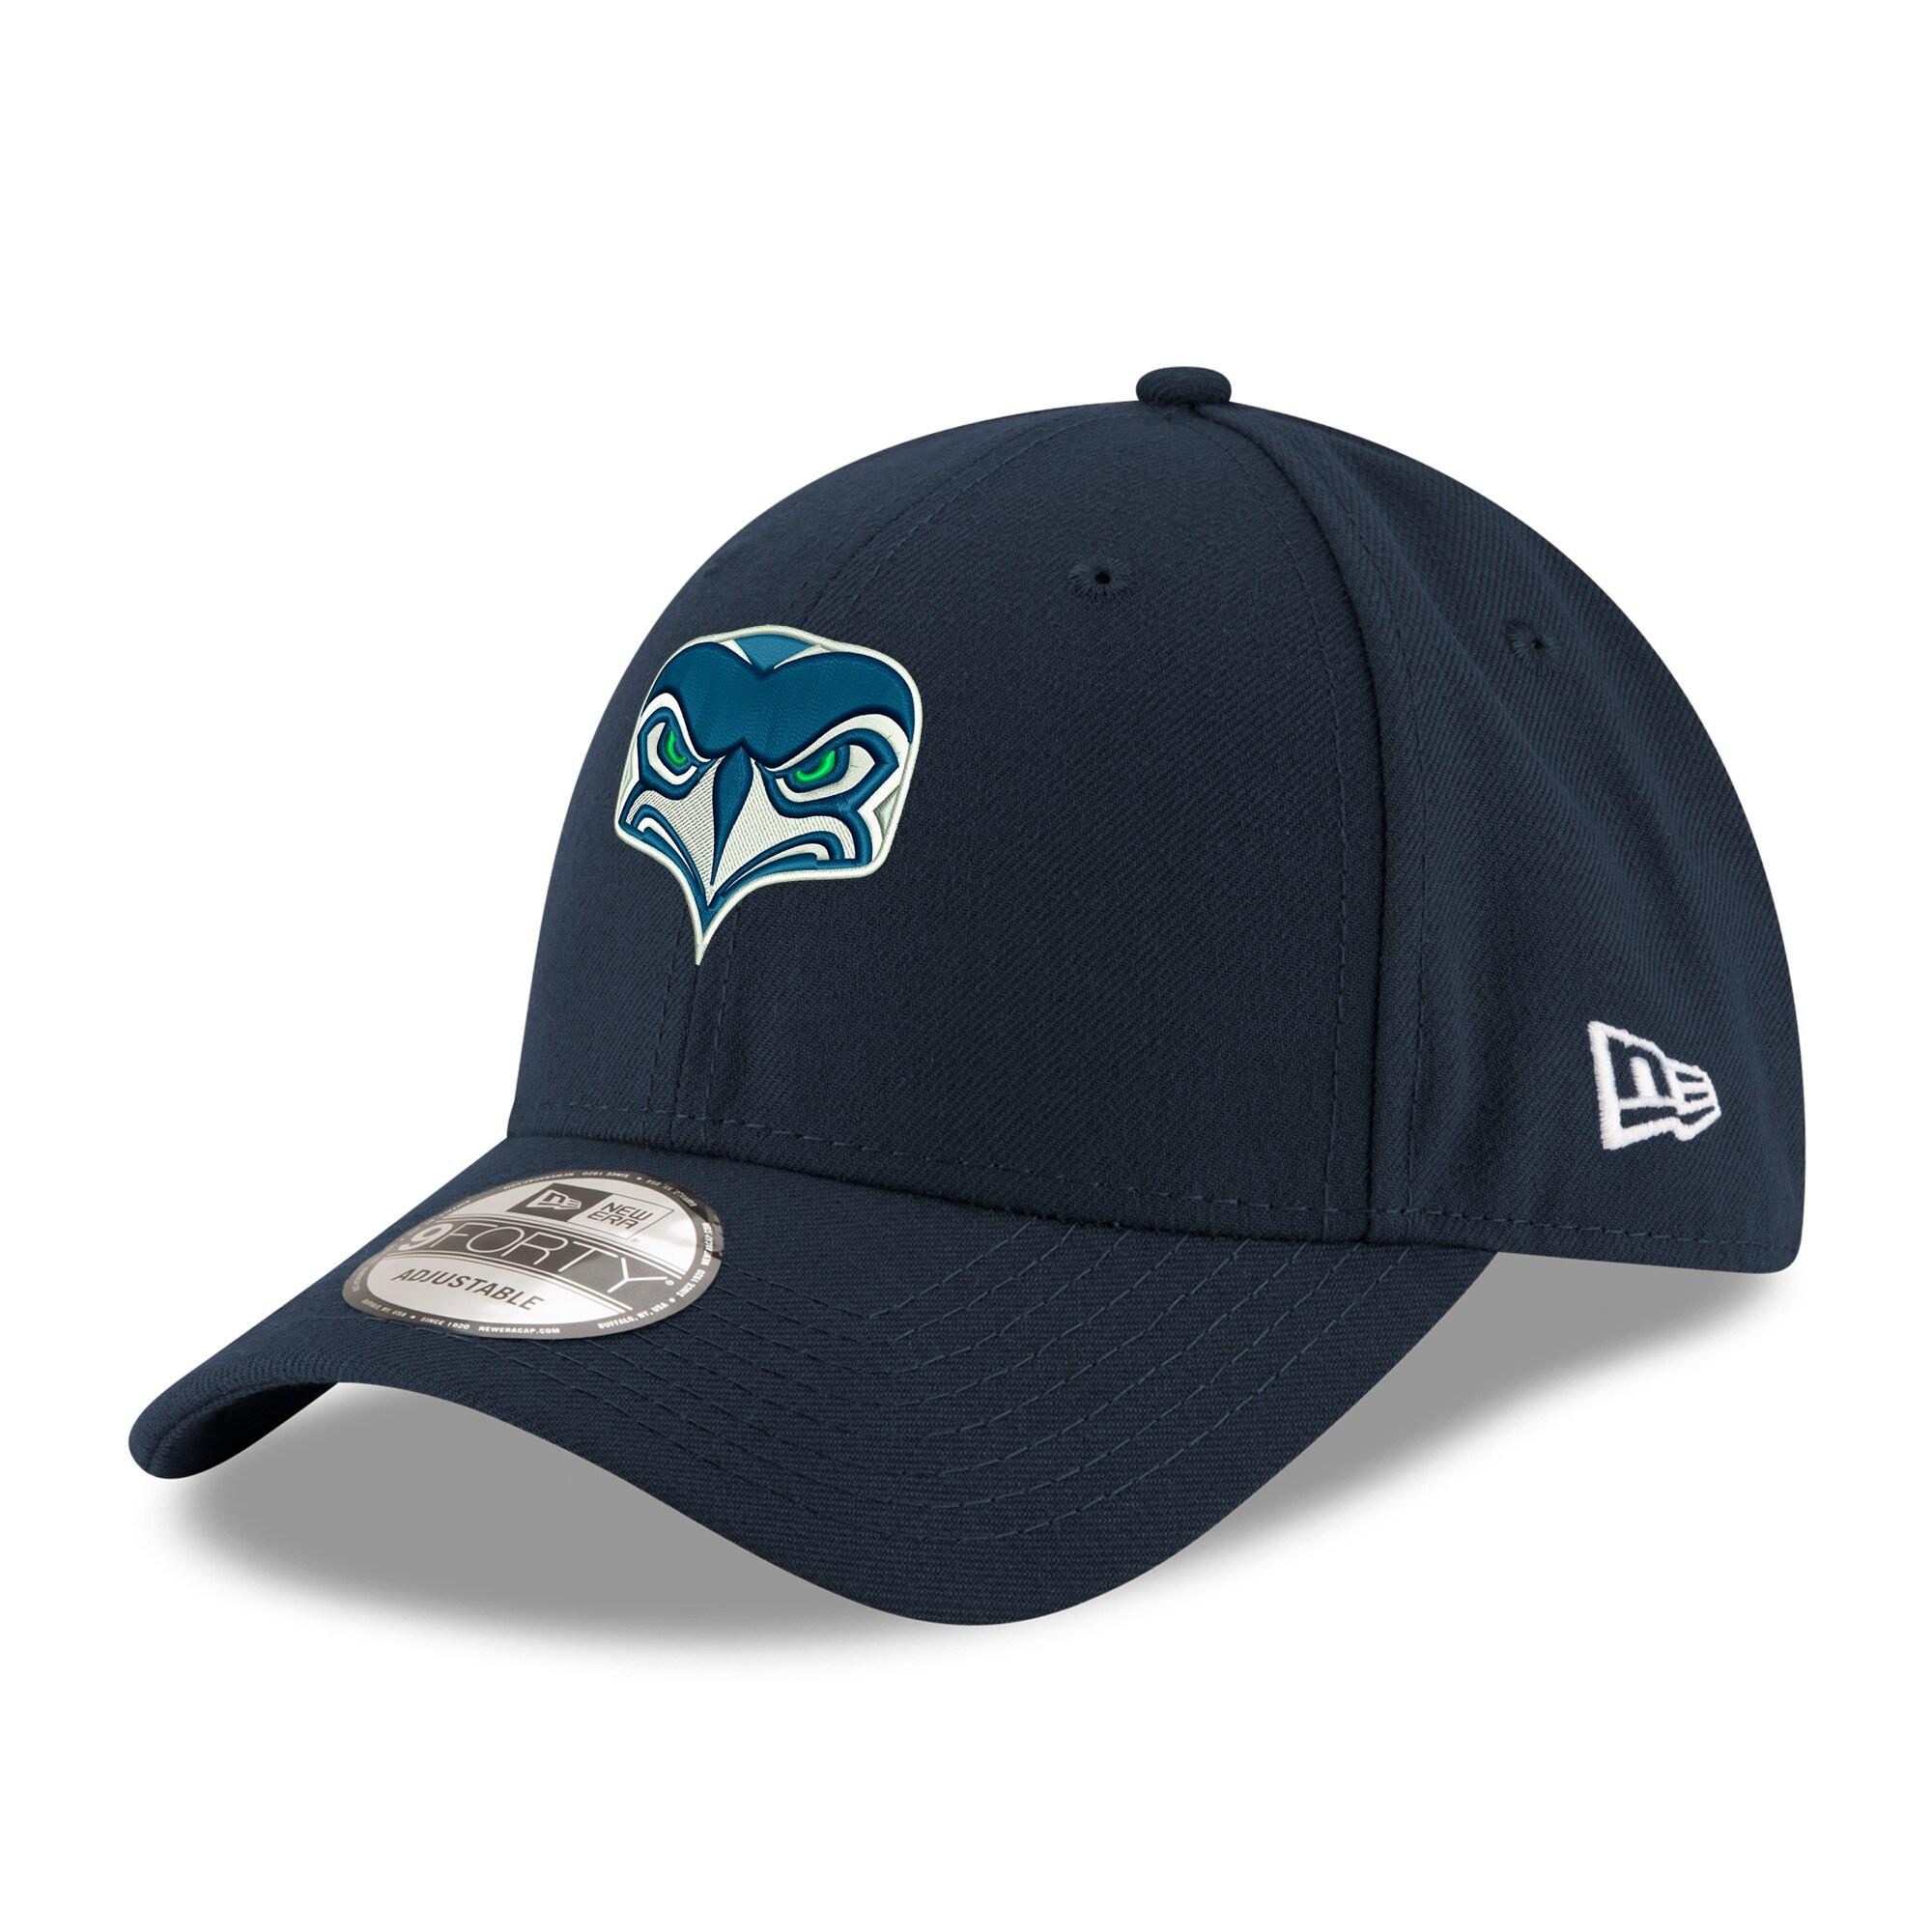 Seattle Seahawks New Era Women's Alternate Team Logo Gear 9FORTY Adjustable Hat - Navy